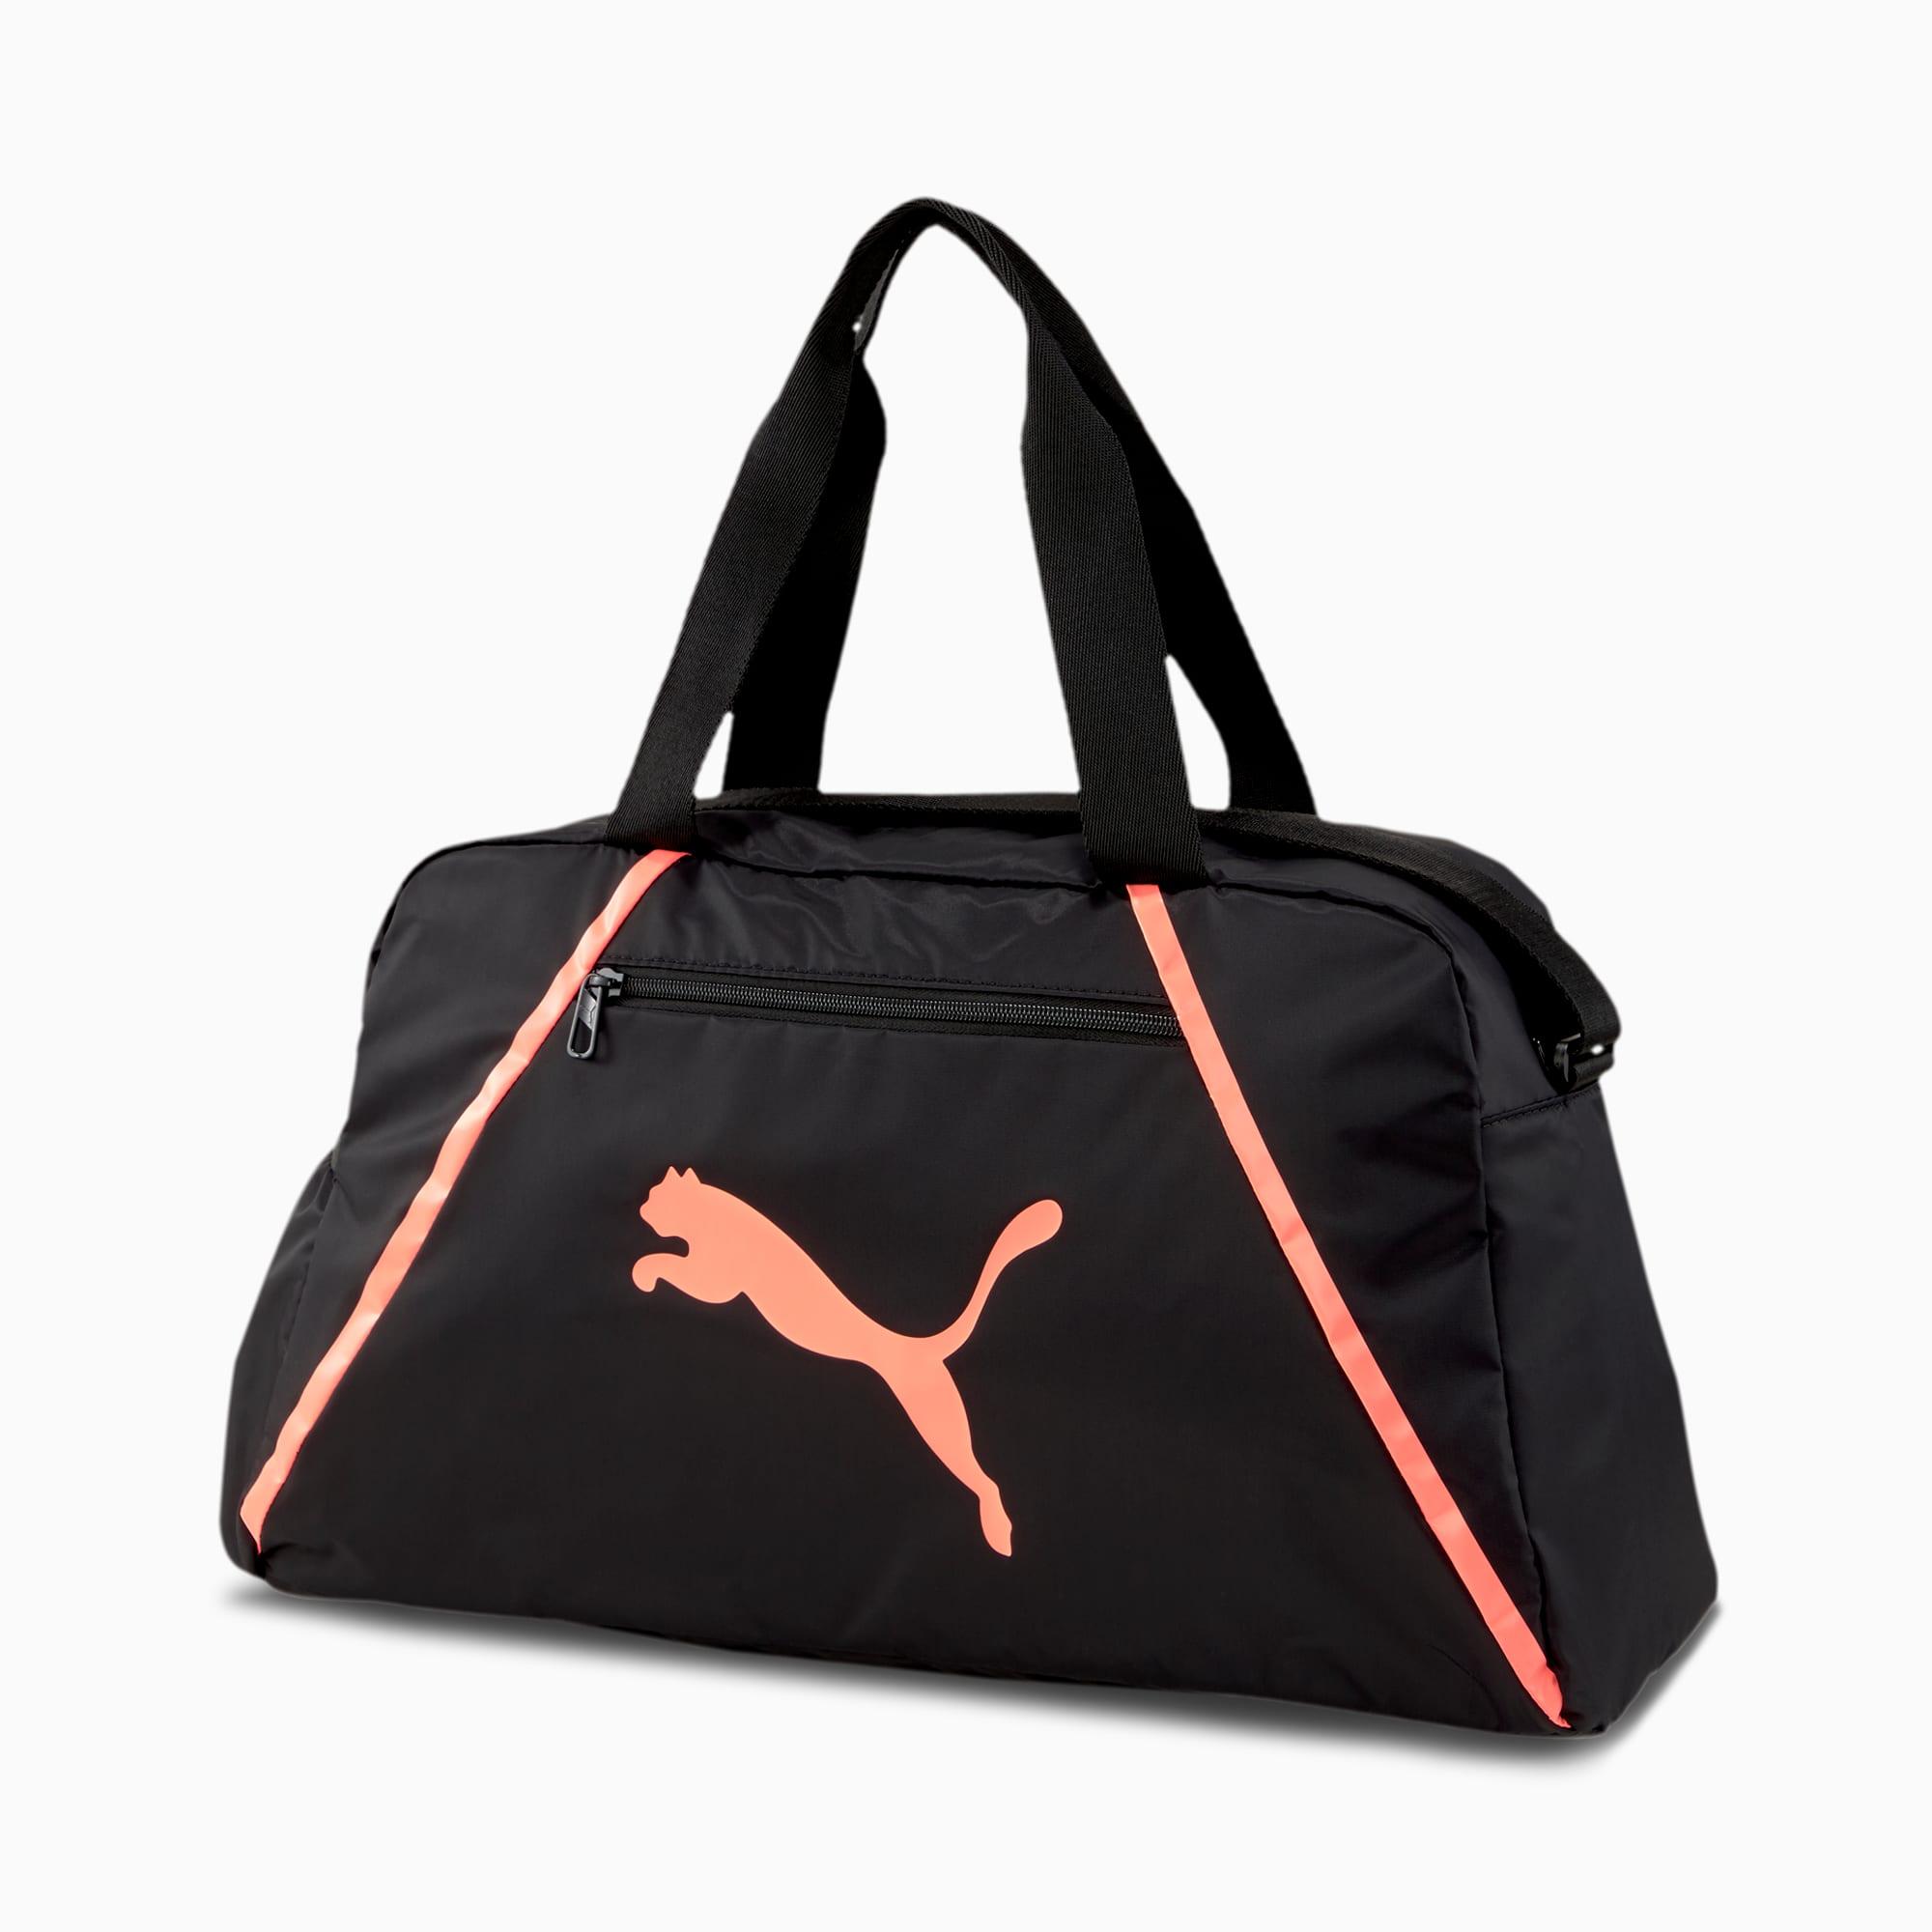 sac à anses essentials pearl pour femme, noir/rose, accessoires